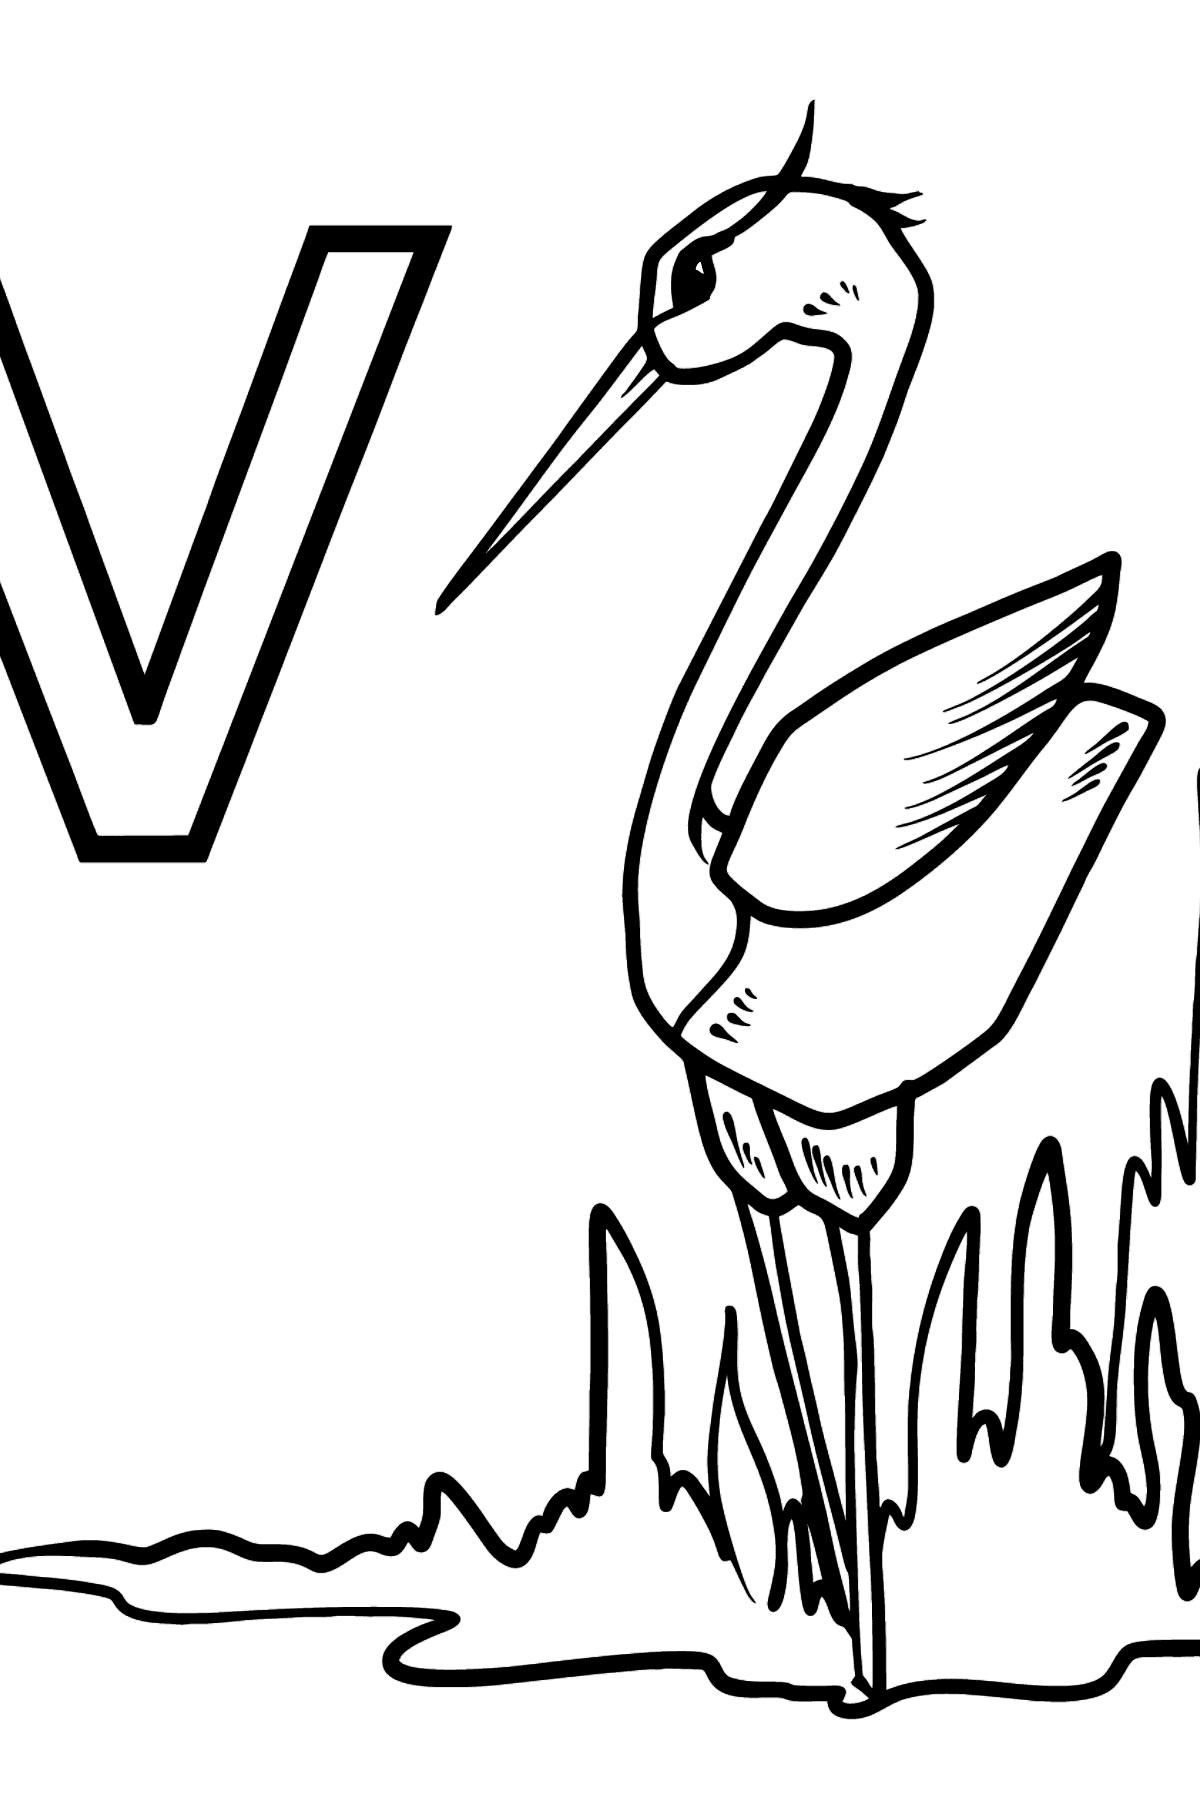 German Letter V coloring pages - VOGEL - Coloring Pages for Kids